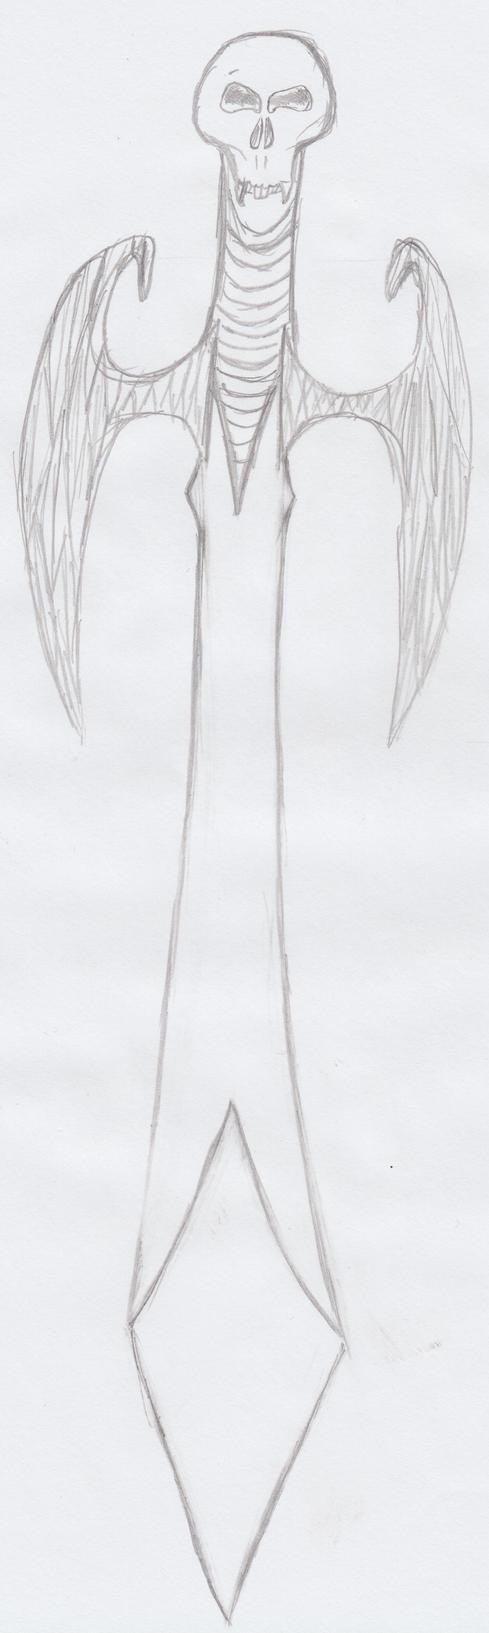 0007 - sword by Apkx